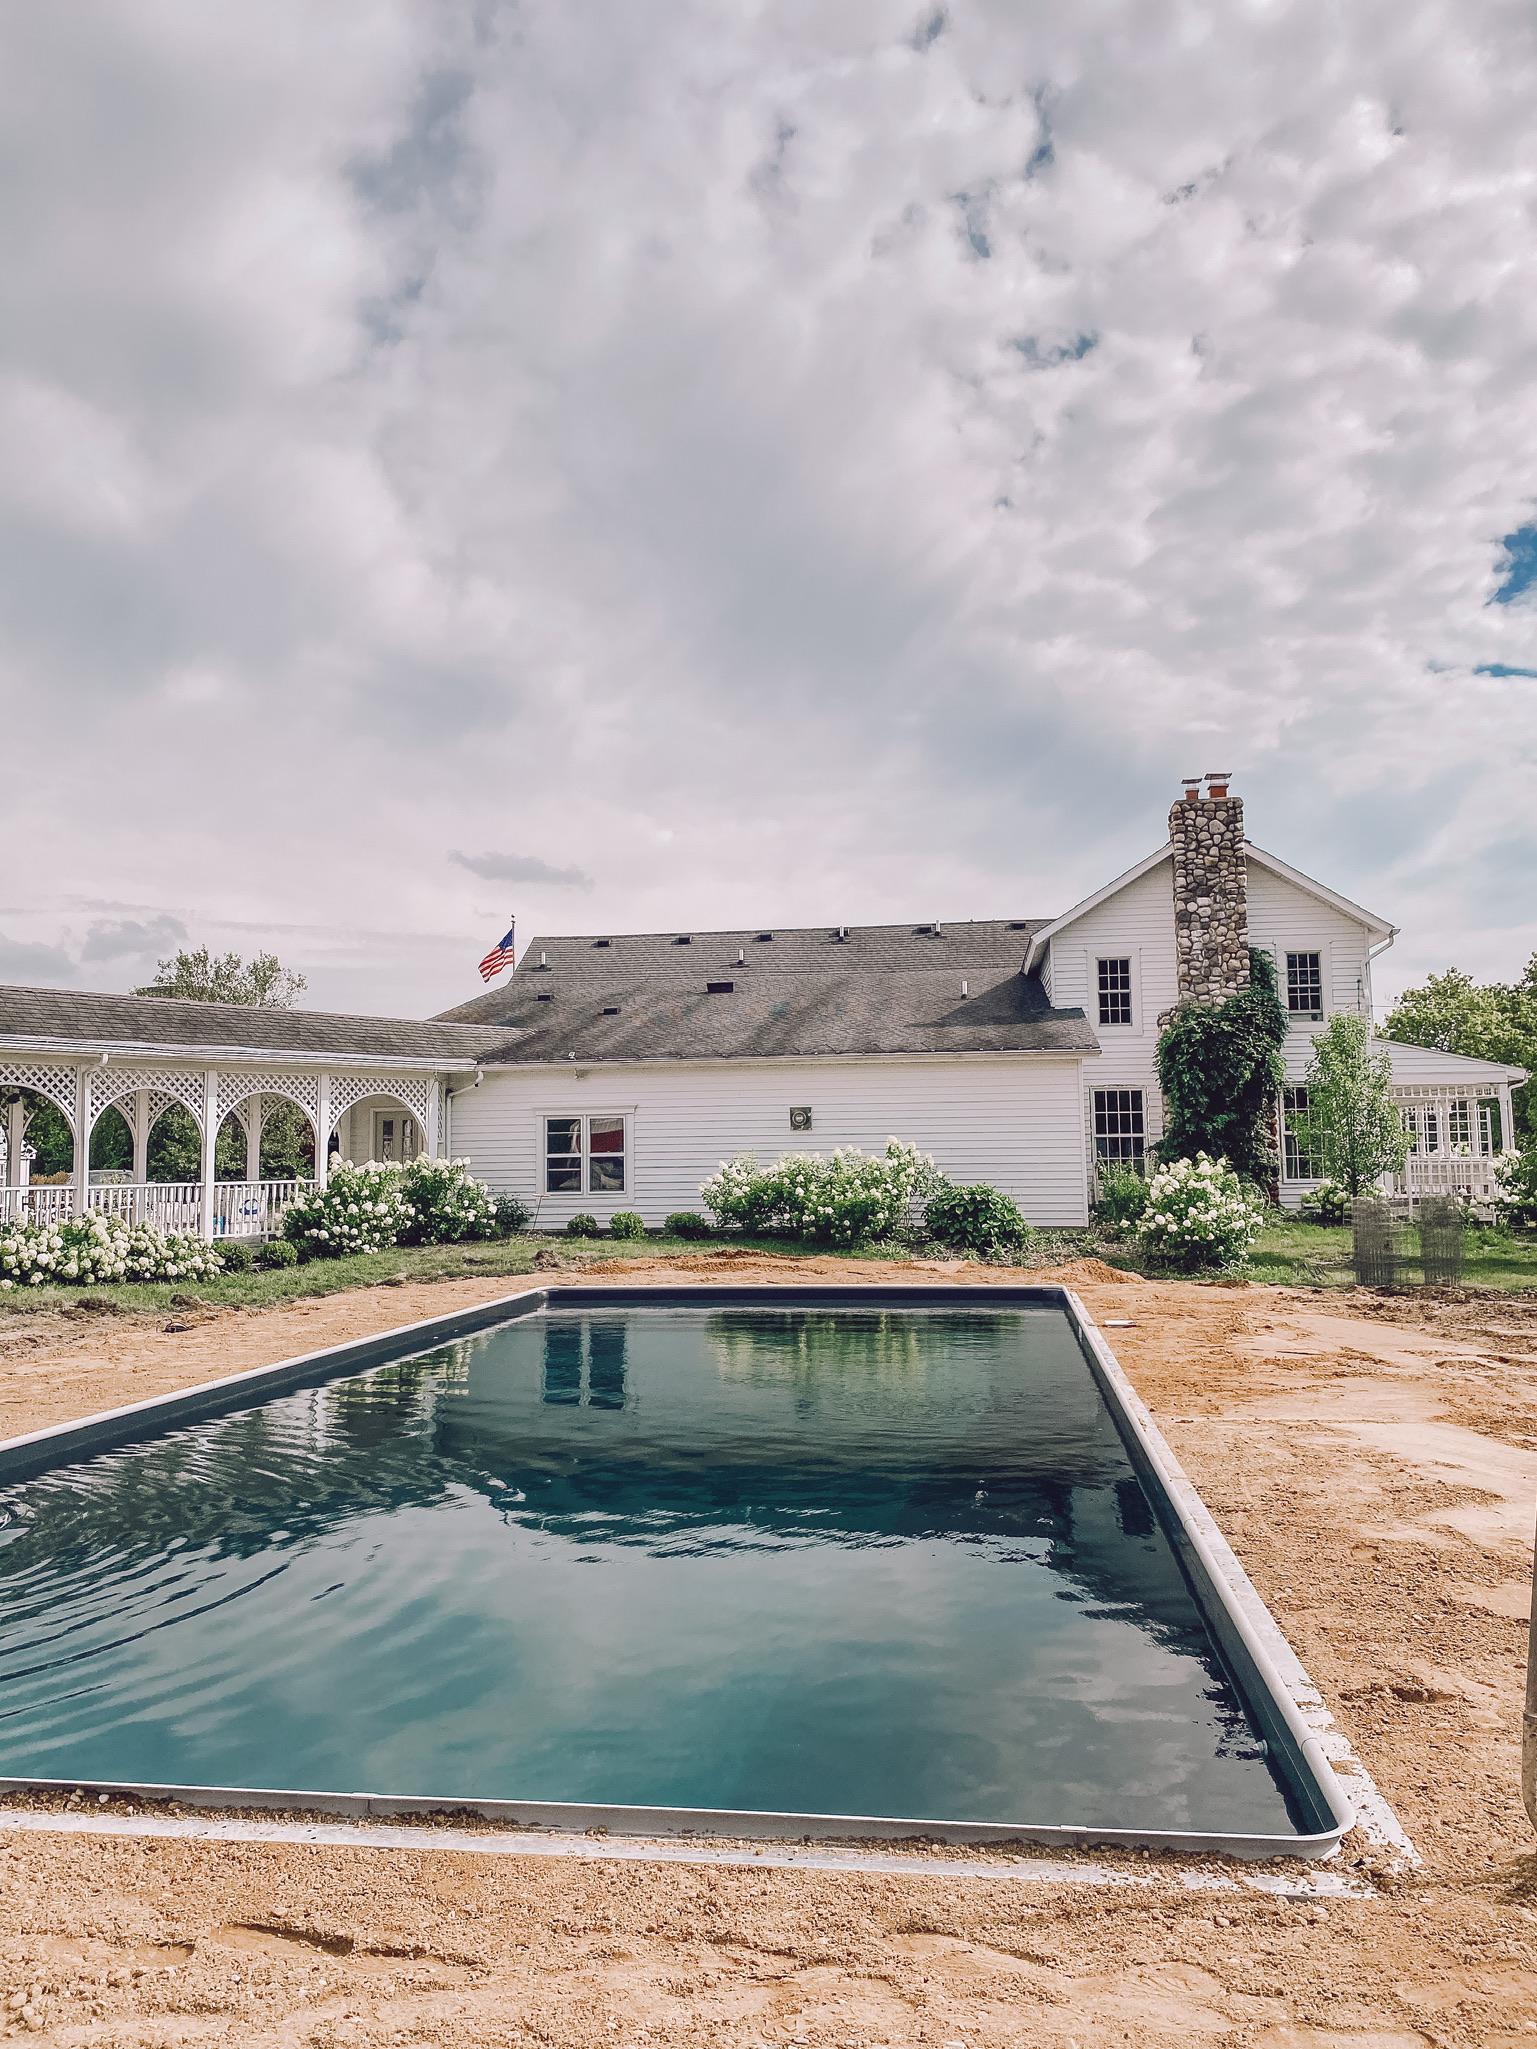 Perguntas frequentes sobre a piscina na fazenda - Liz Marie Blog 7